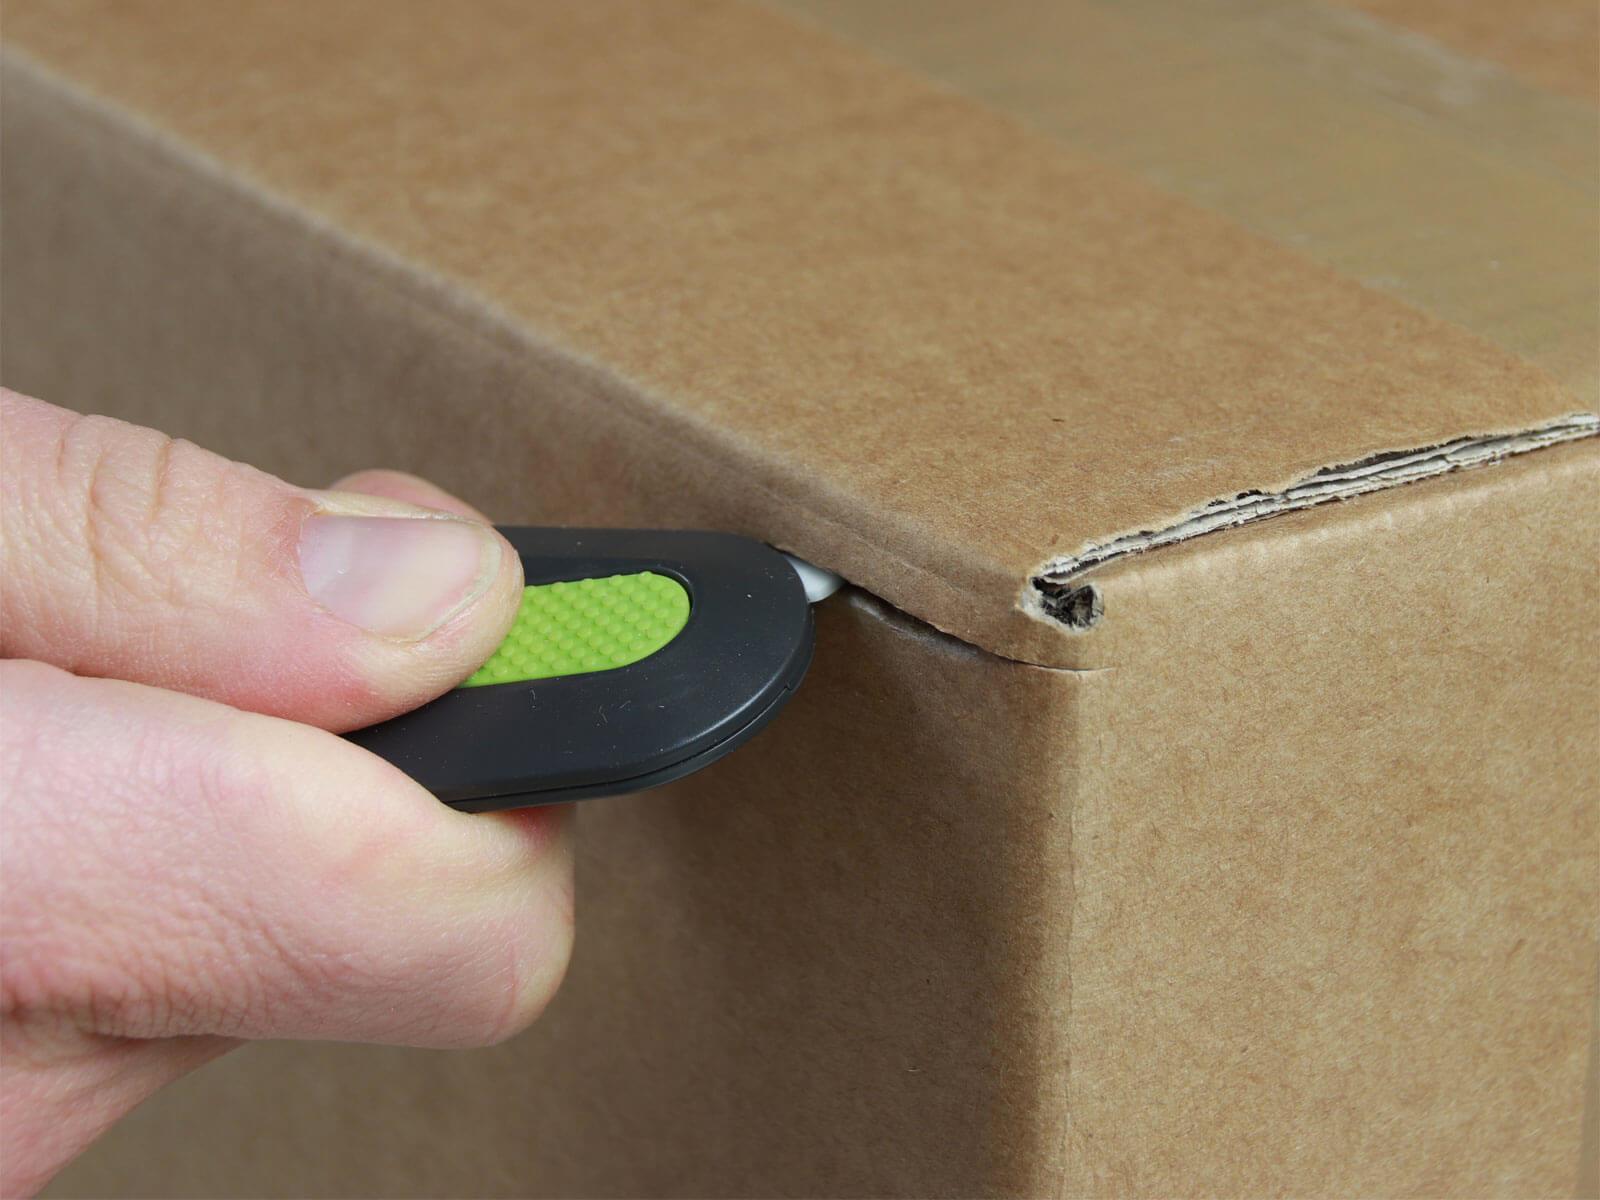 U007 Keramik Sicherheitsmesser automatischer Klingenrückzug mini Karton schneiden abdeckeln CURT-tools